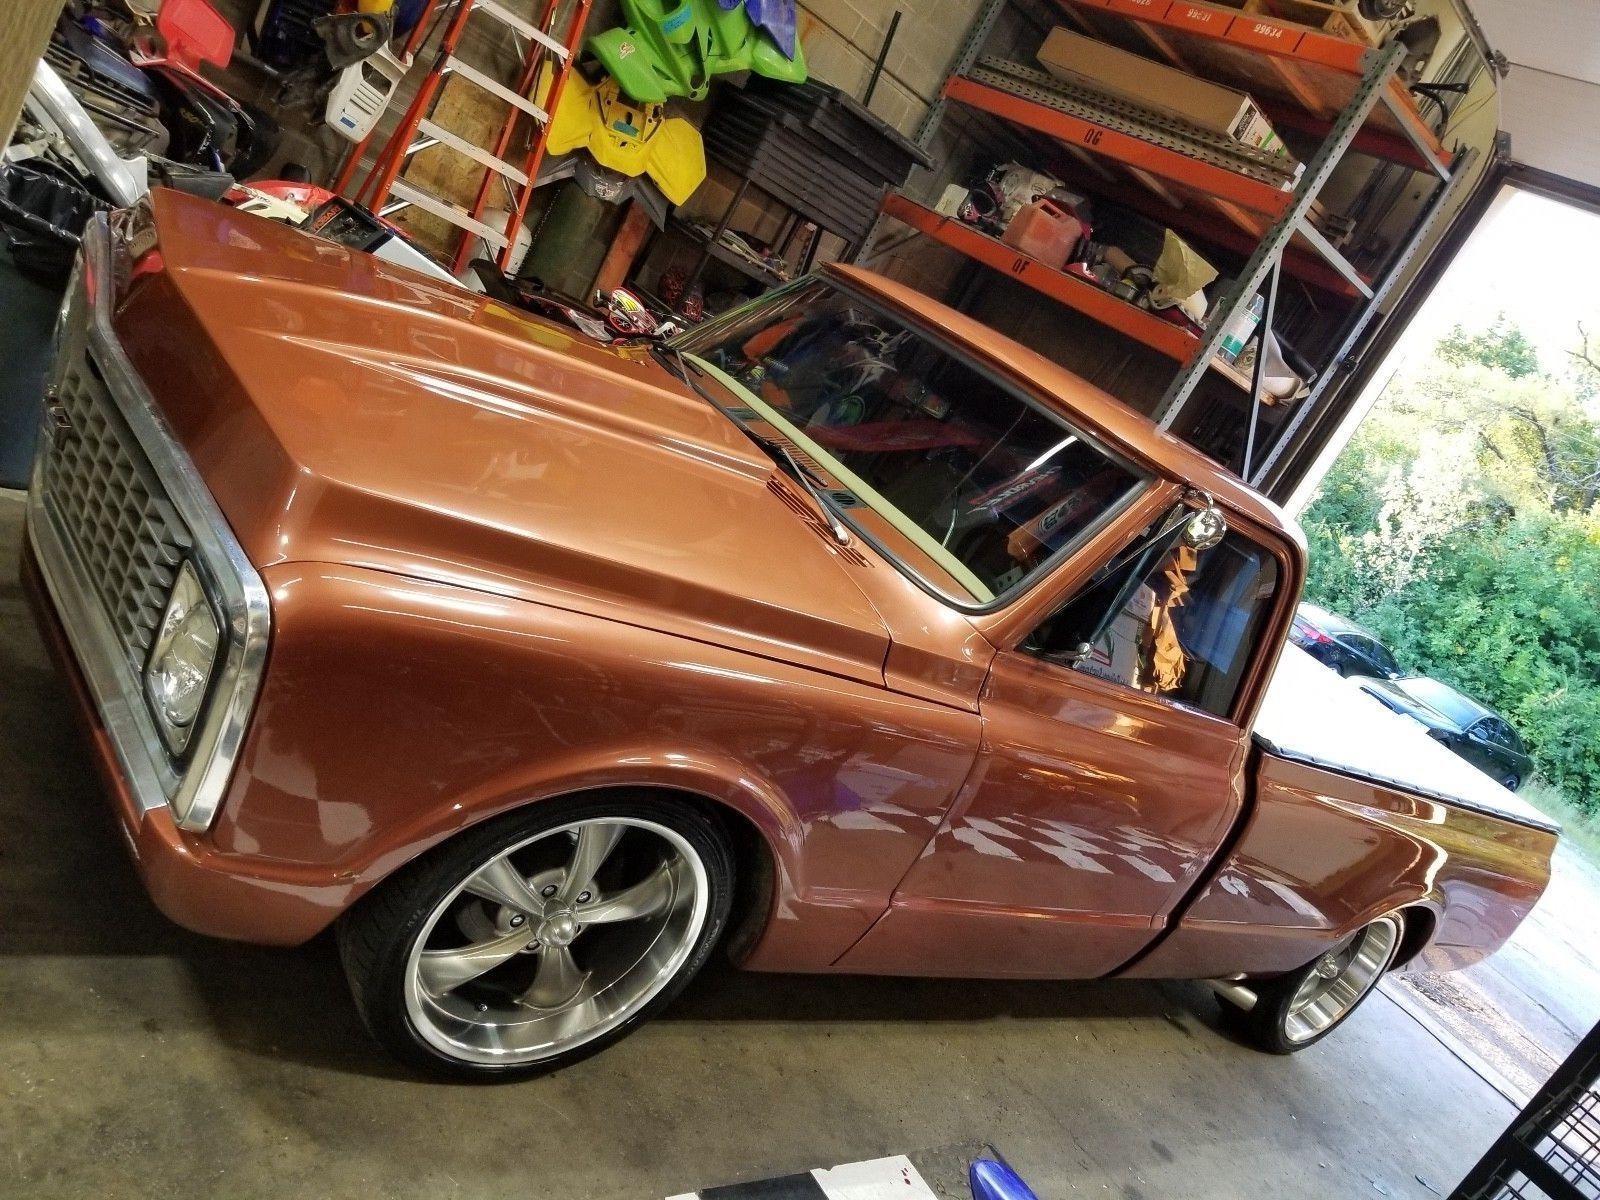 Details about 1970 Chevrolet C-10 C10 | Vehicles | 20 wheels